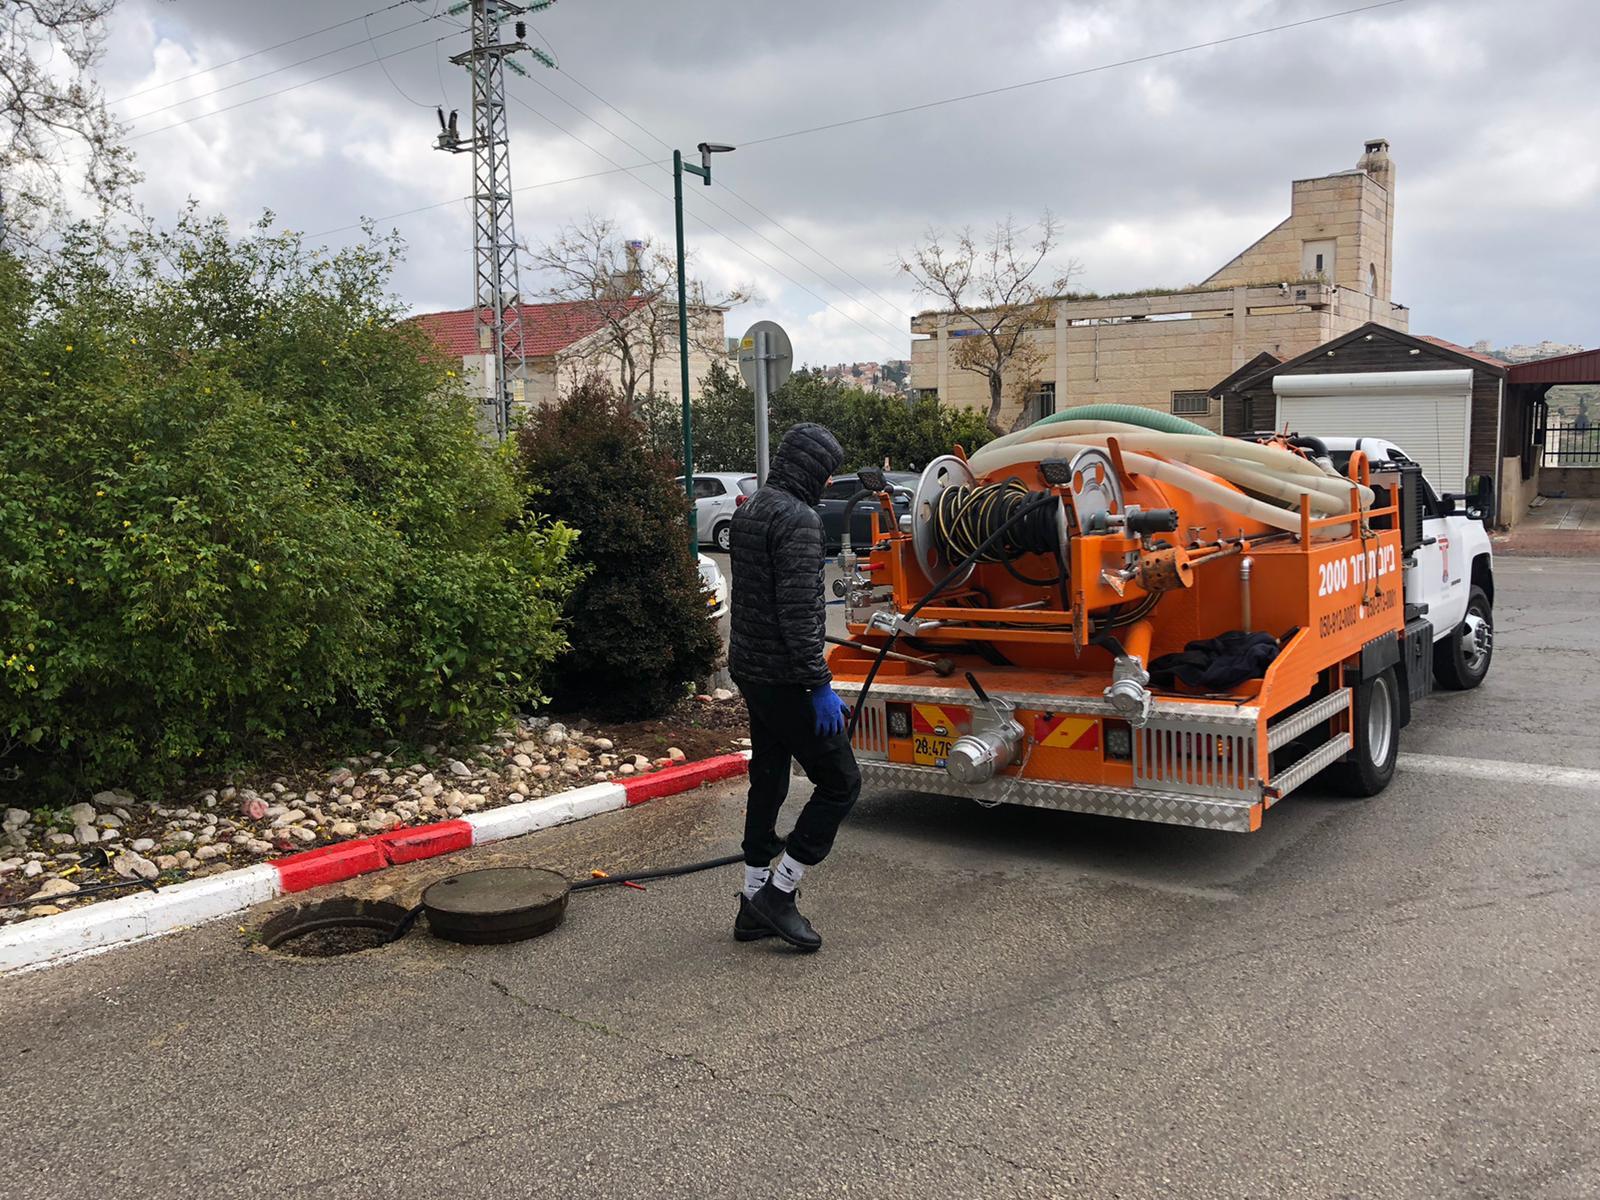 פתיחת סתימה אצל לקוח פרטי באזור ירושלים.